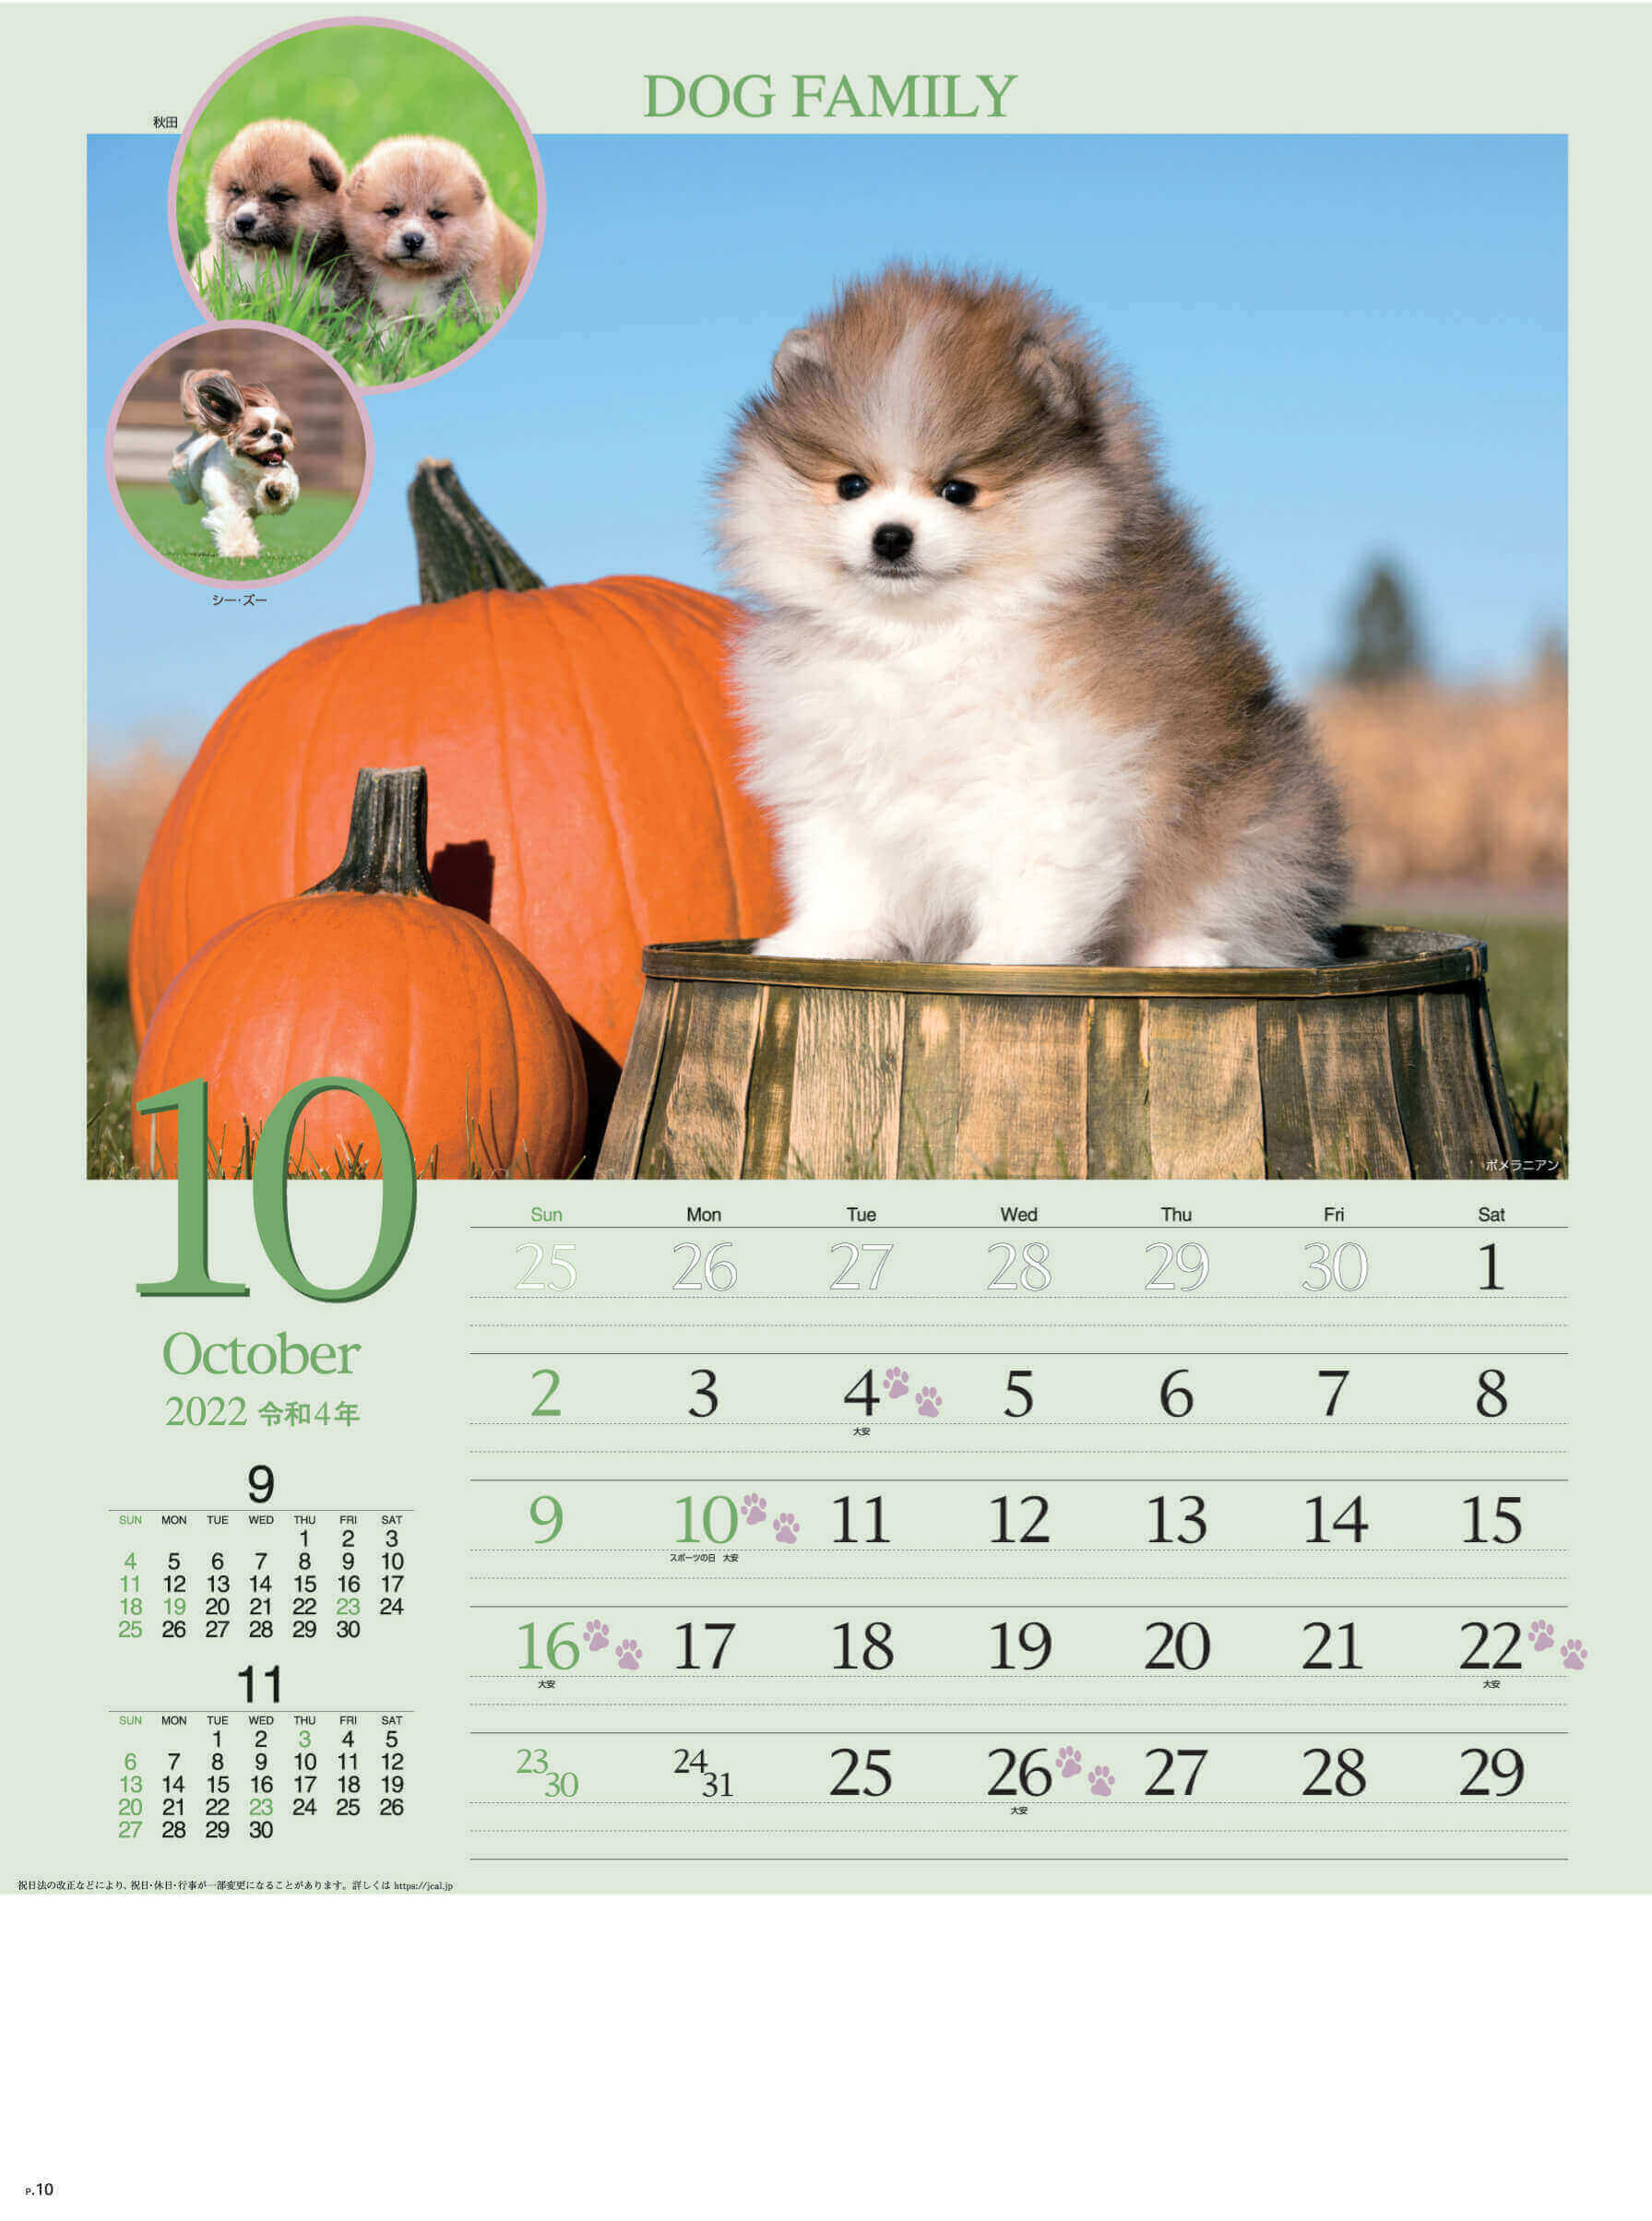 10月 ポメラニアン ドッグファミリー 2022年カレンダーの画像